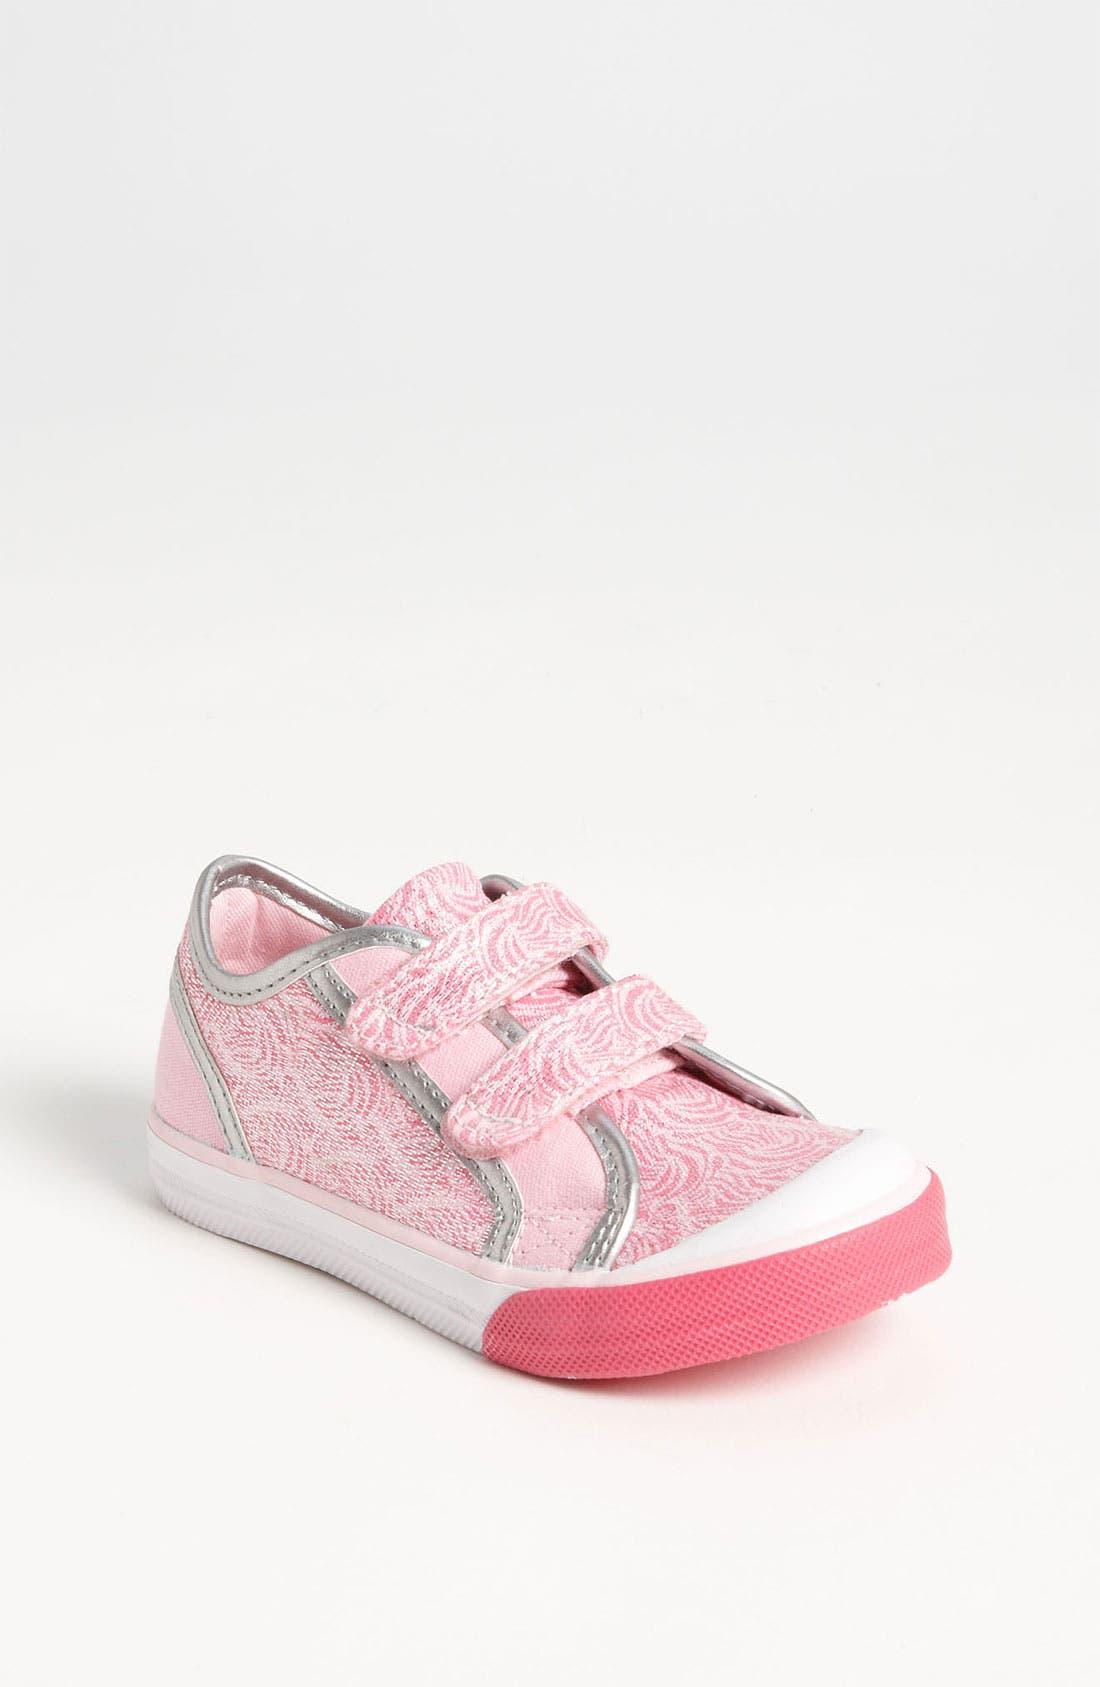 Main Image - Keds® 'Glamerly' Sneaker (Walker & Toddler)